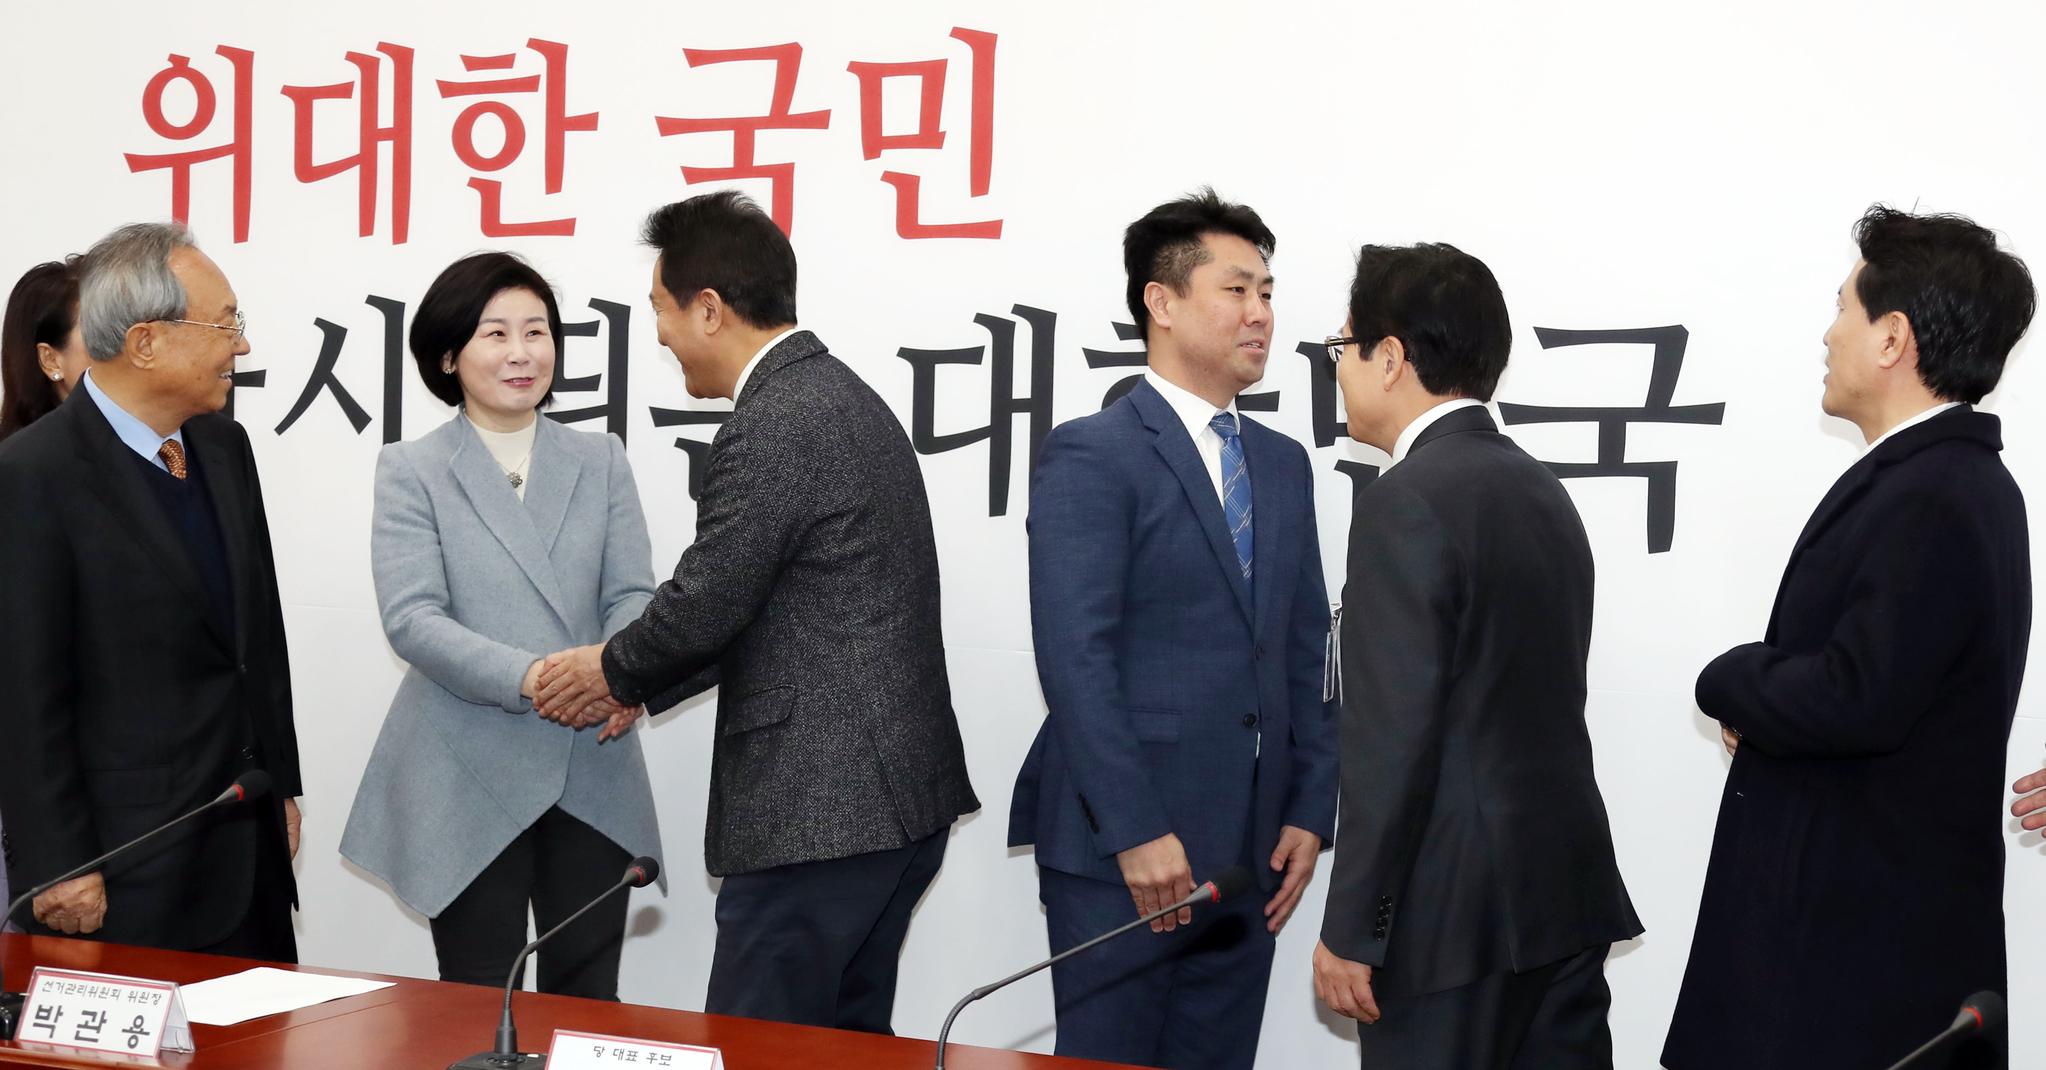 자유한국당 선관위 회의가 13일 오전 국회에서 열렸다. 황교안, 오세훈, 김진태 후보가 선관위원들과 인사를 나누고 있다. 변선구 기자